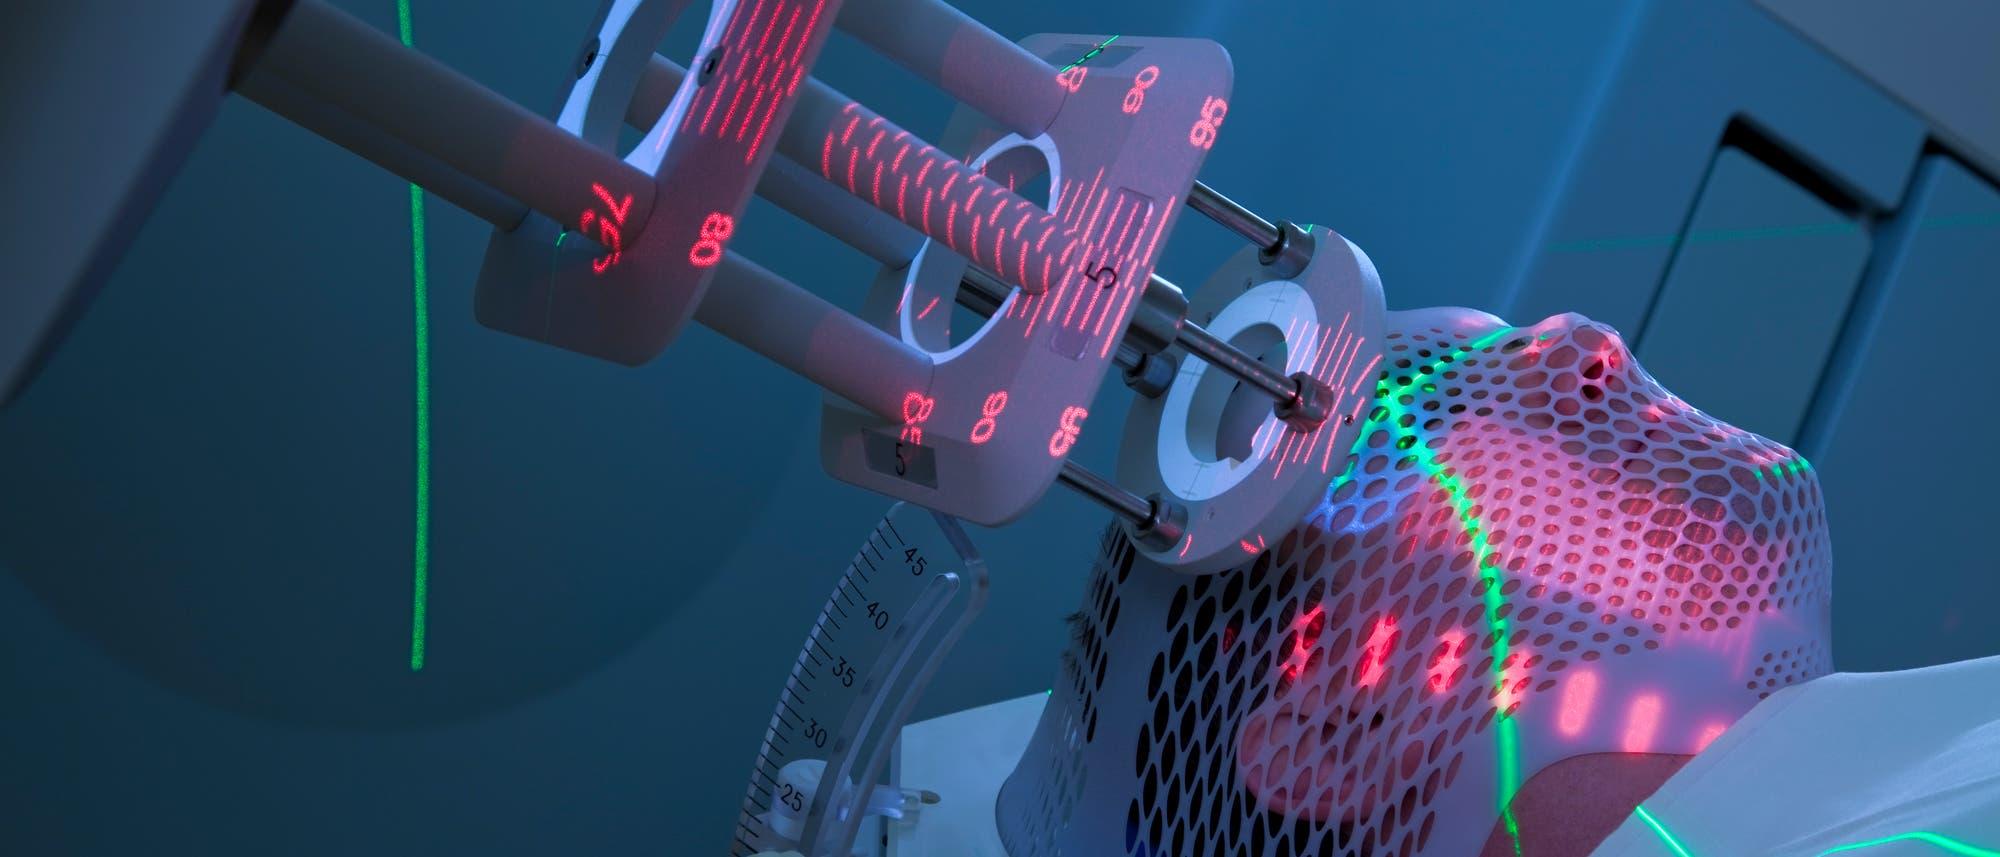 Ein Mann bekommt Strahlentherapie gegen Krebs; auf Kopf und Bestrahlungsgerät sieht man projizierte Positionsmarker in Neonfarben.